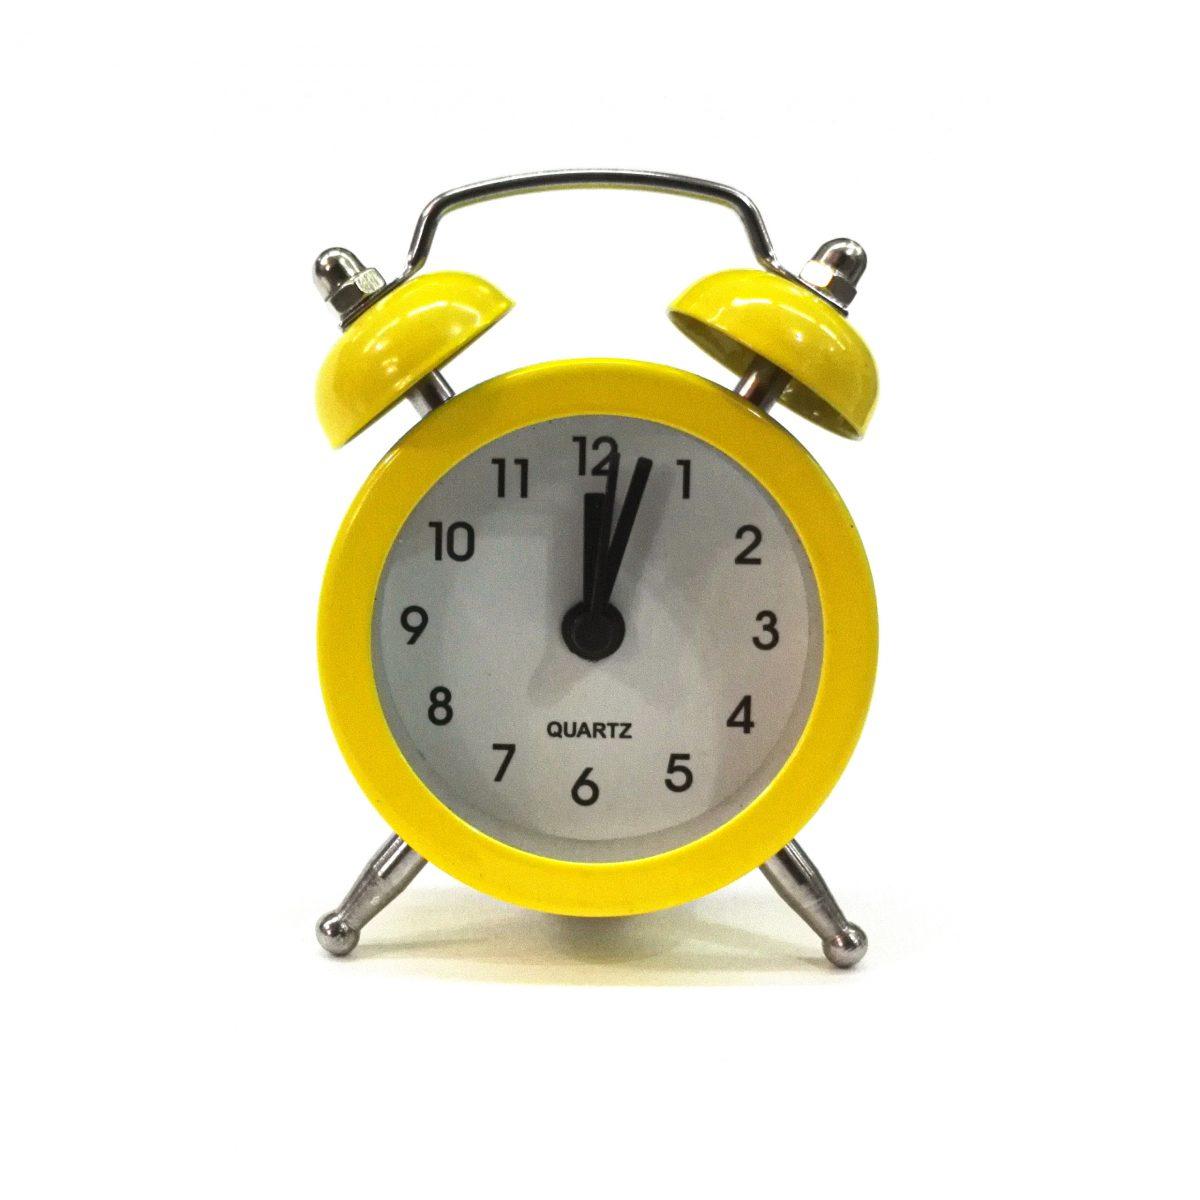 ساعت شماطه دار پایه استیل کوچک